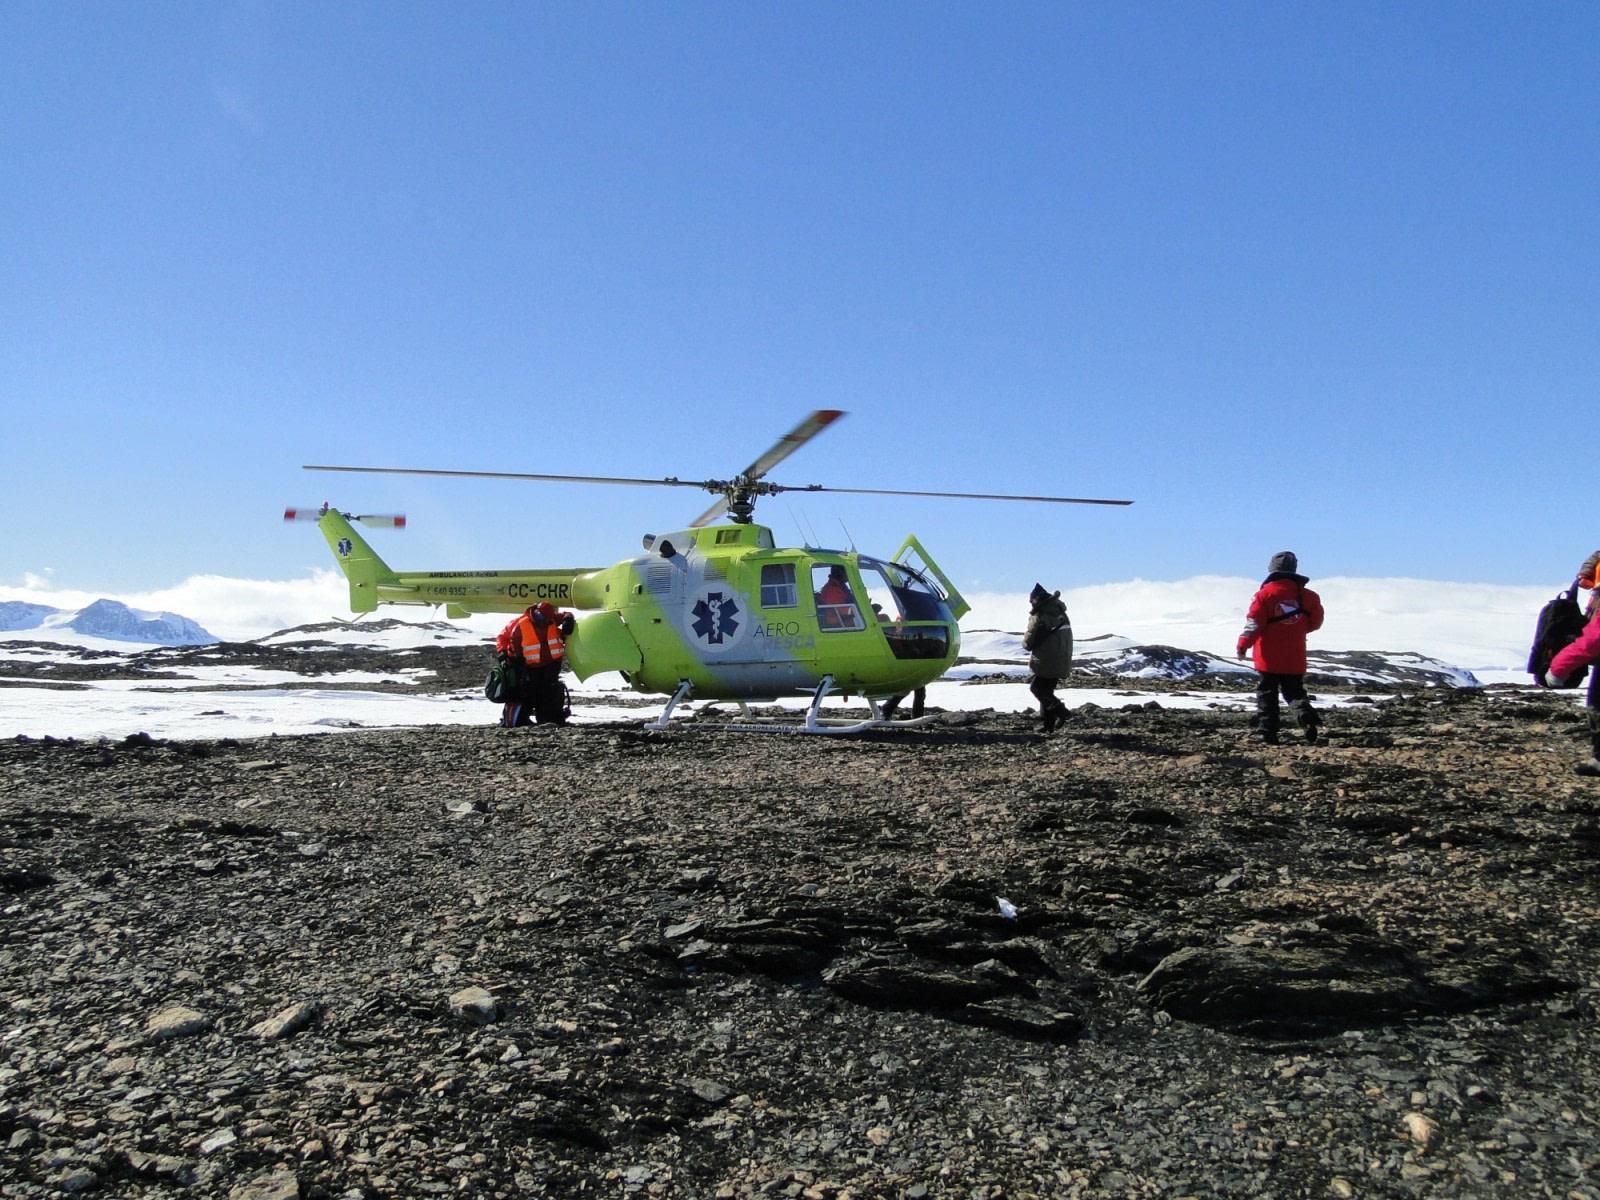 Helikopterflüge über dem Weddell-Meer